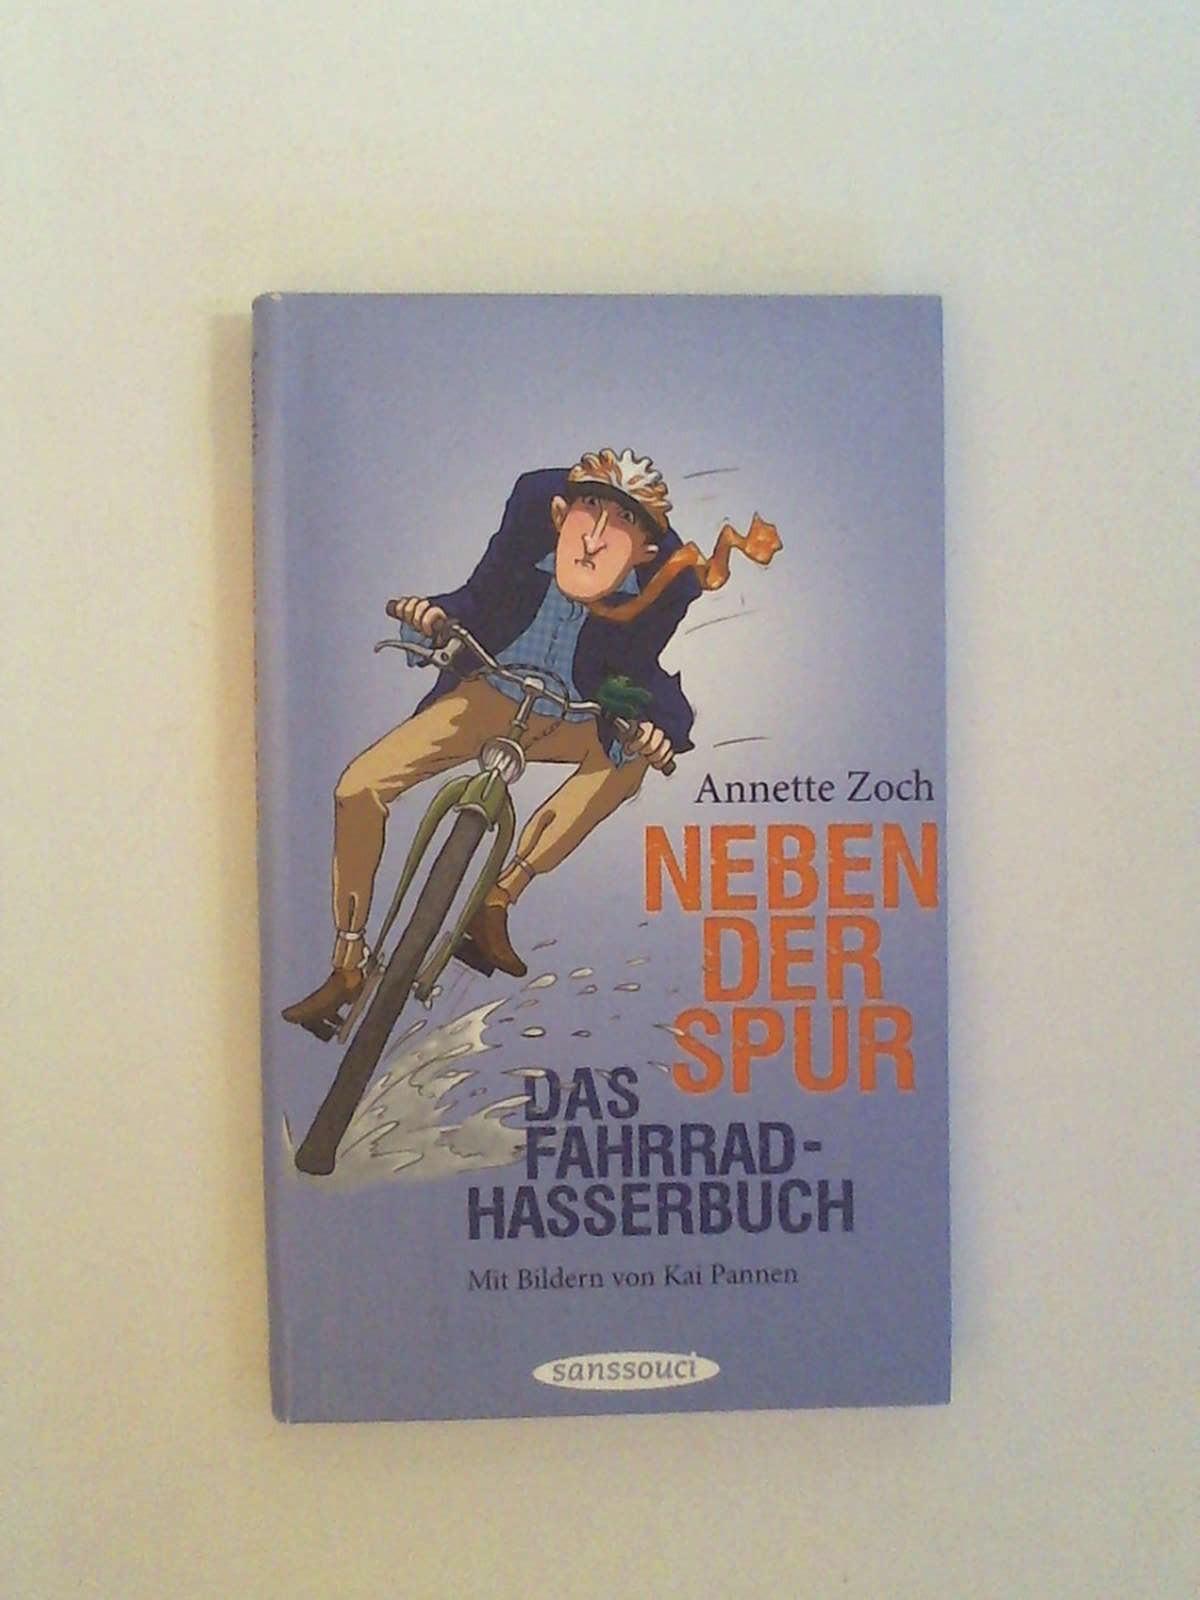 Neben der Spur. Das Fahrradhasserbuch - Annette Zoch - Kai Pannen